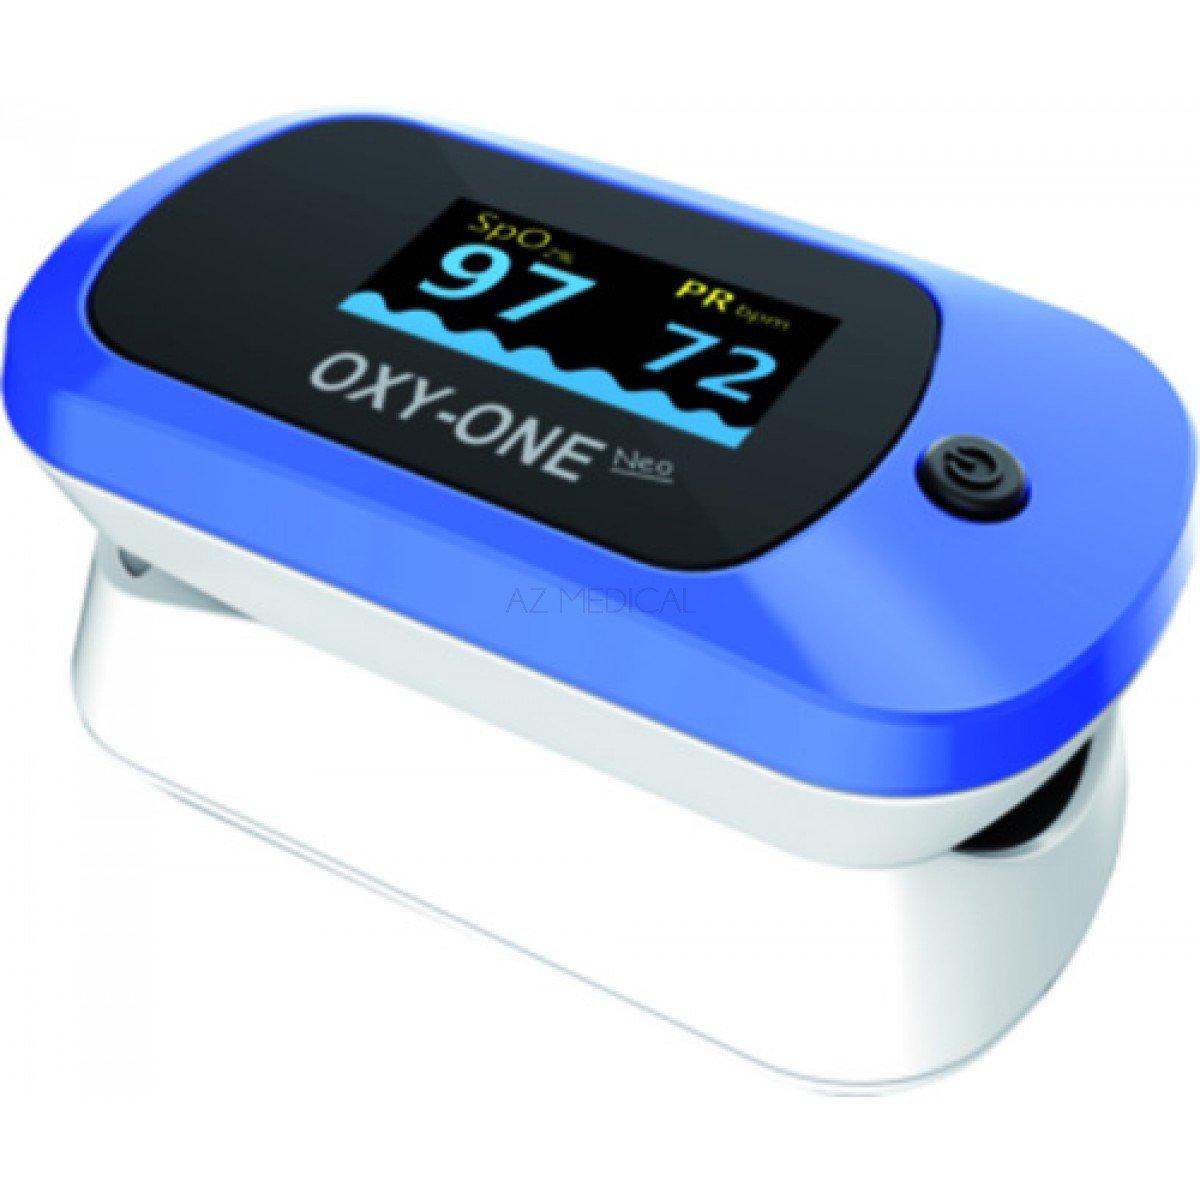 Oxymètre Oxy One Neo